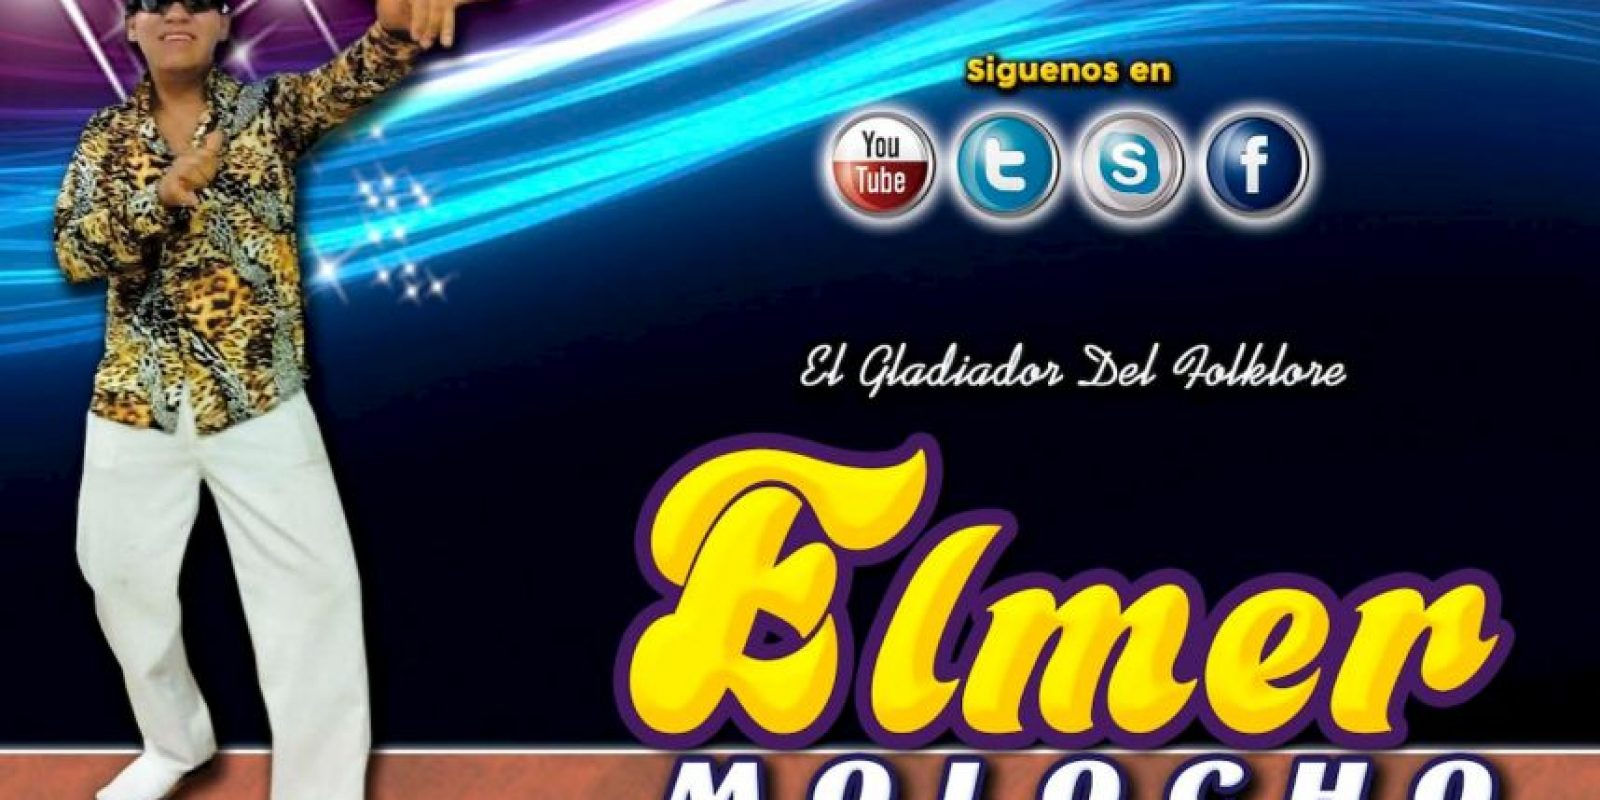 Tiene 25 años, es de Cajamarca. Foto:vía Youtube